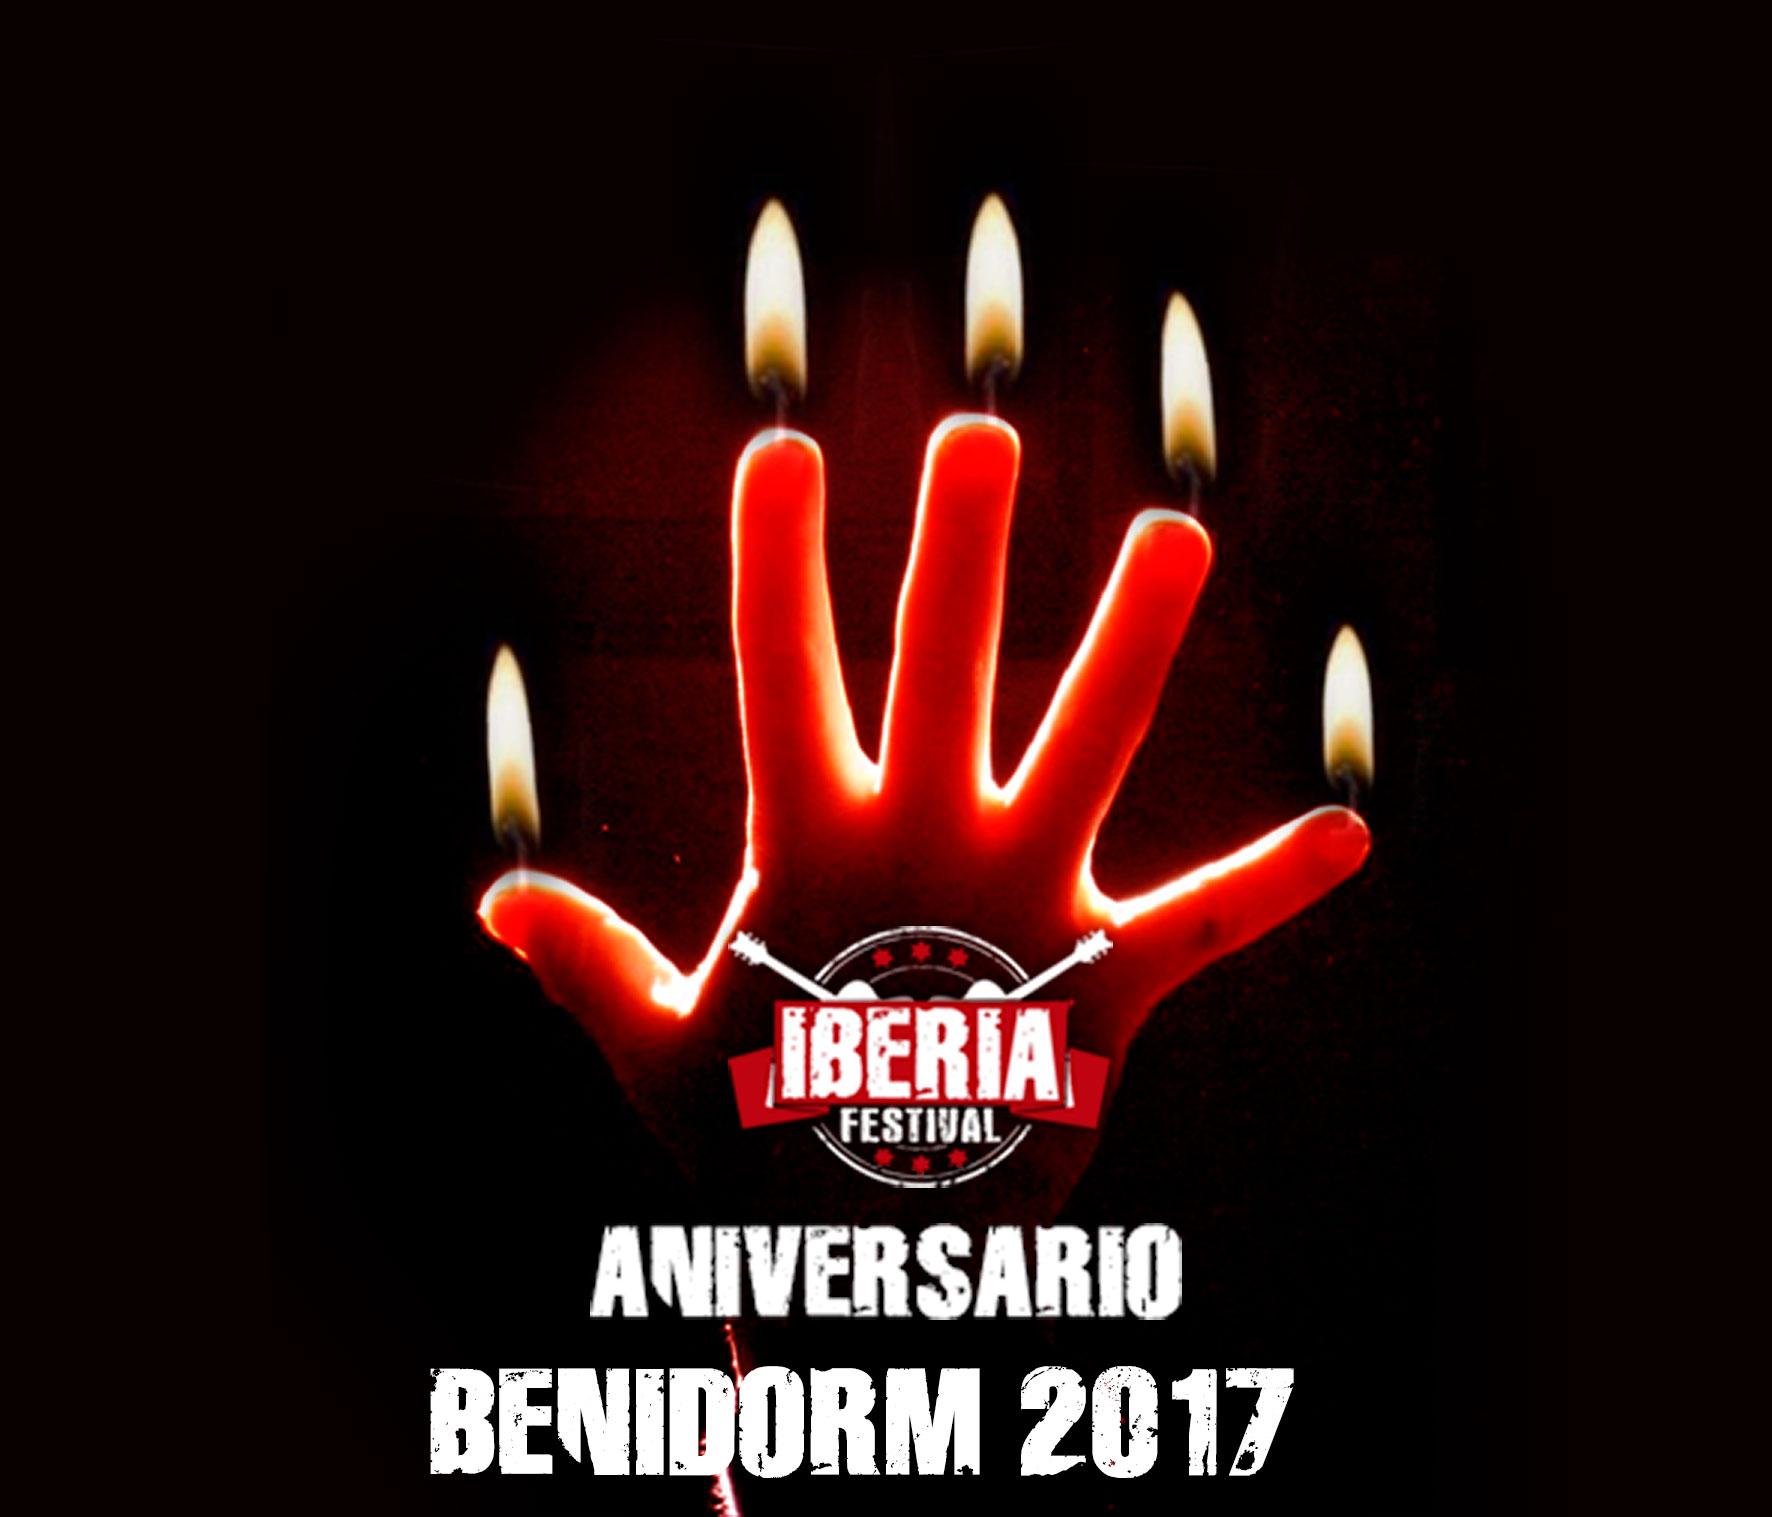 Iberia Festival-V Aniversario